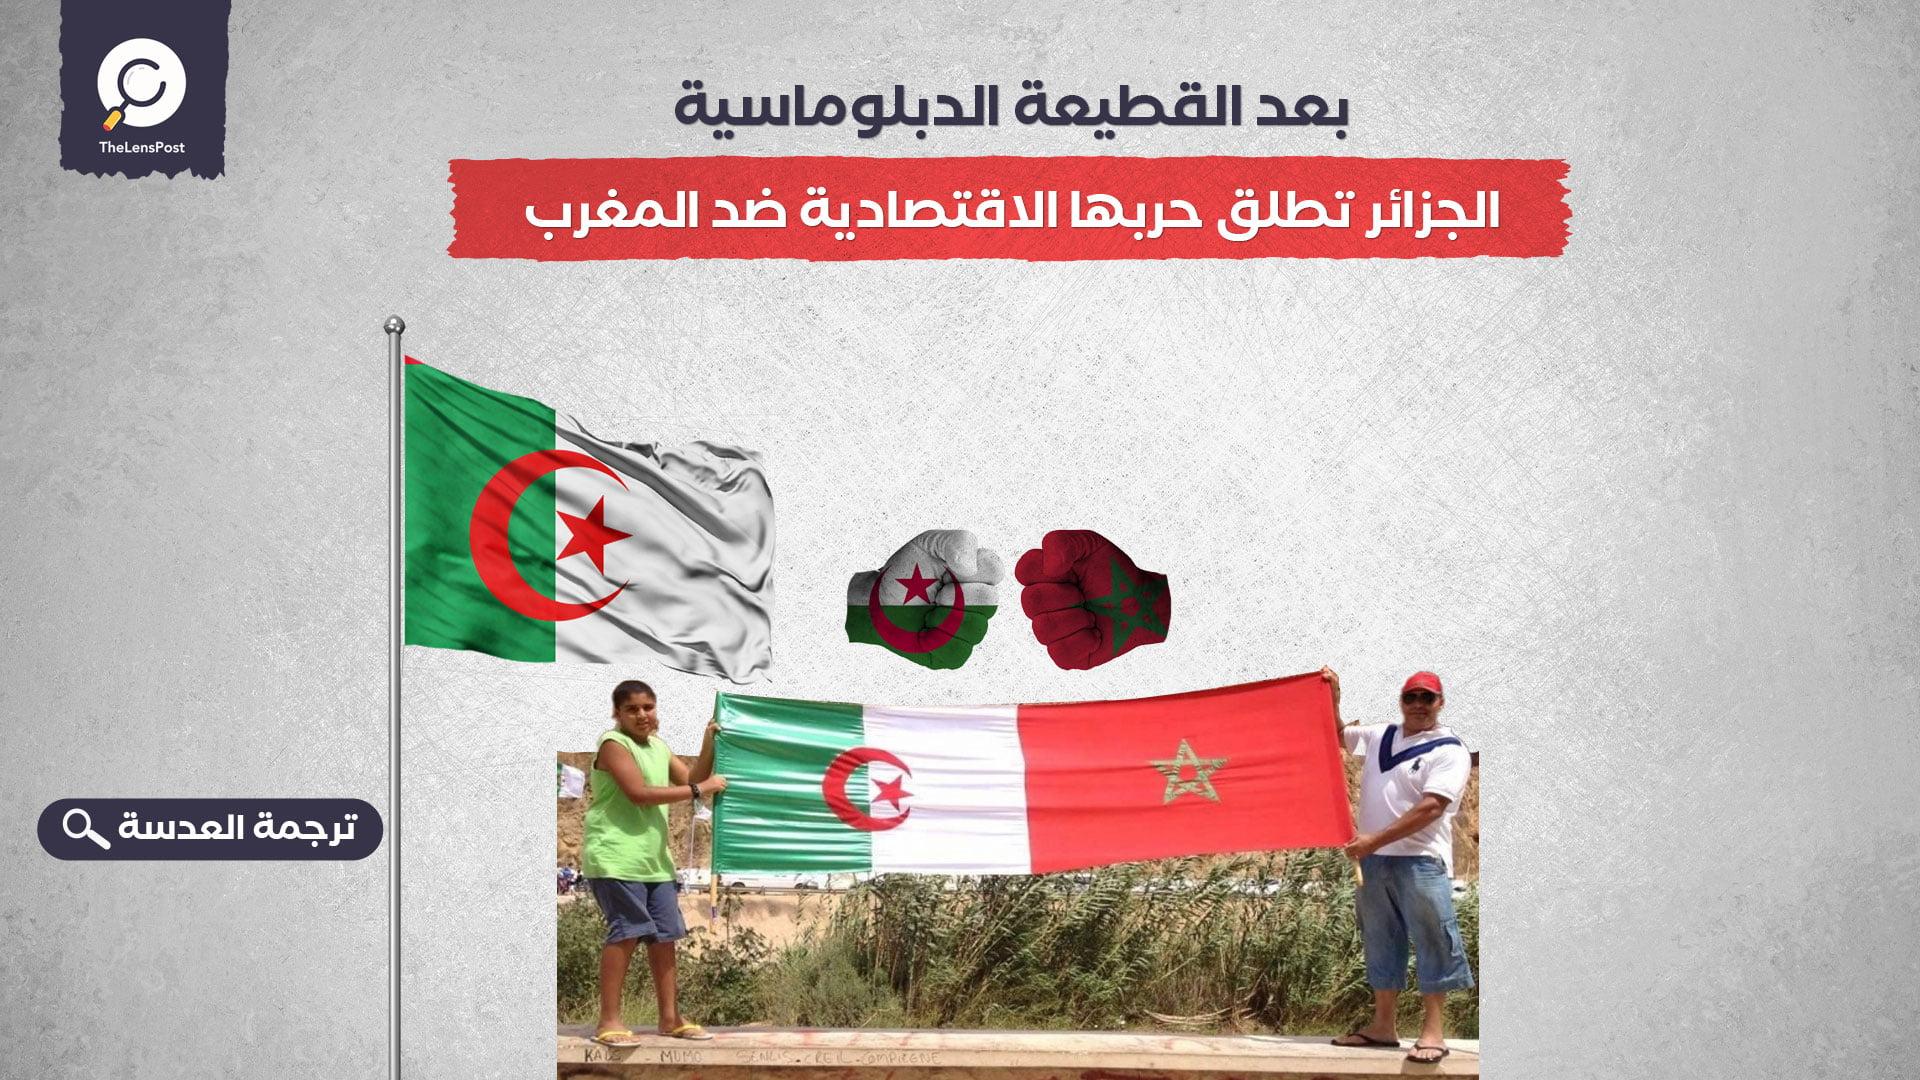 بعد القطيعة الدبلوماسية.. الجزائر تطلق حربها الاقتصادية ضد المغرب